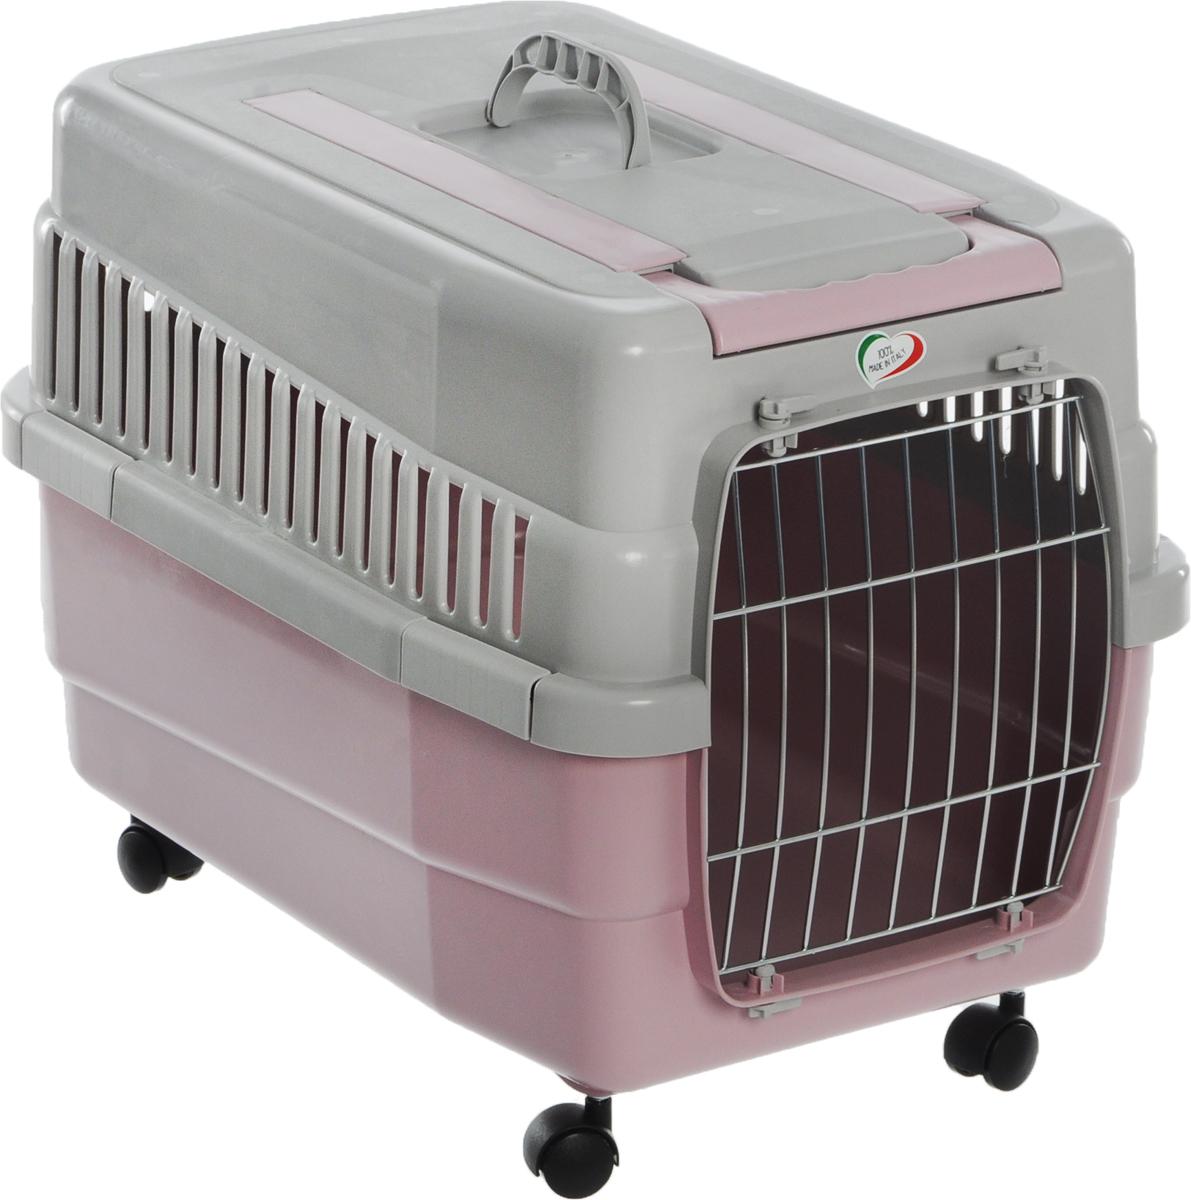 Переноска для животных IMAC  Kim 60 , на колесах, цвет: светло-серый, розовый, 60 х 40 х 45 см - Переноски, товары для транспортировки